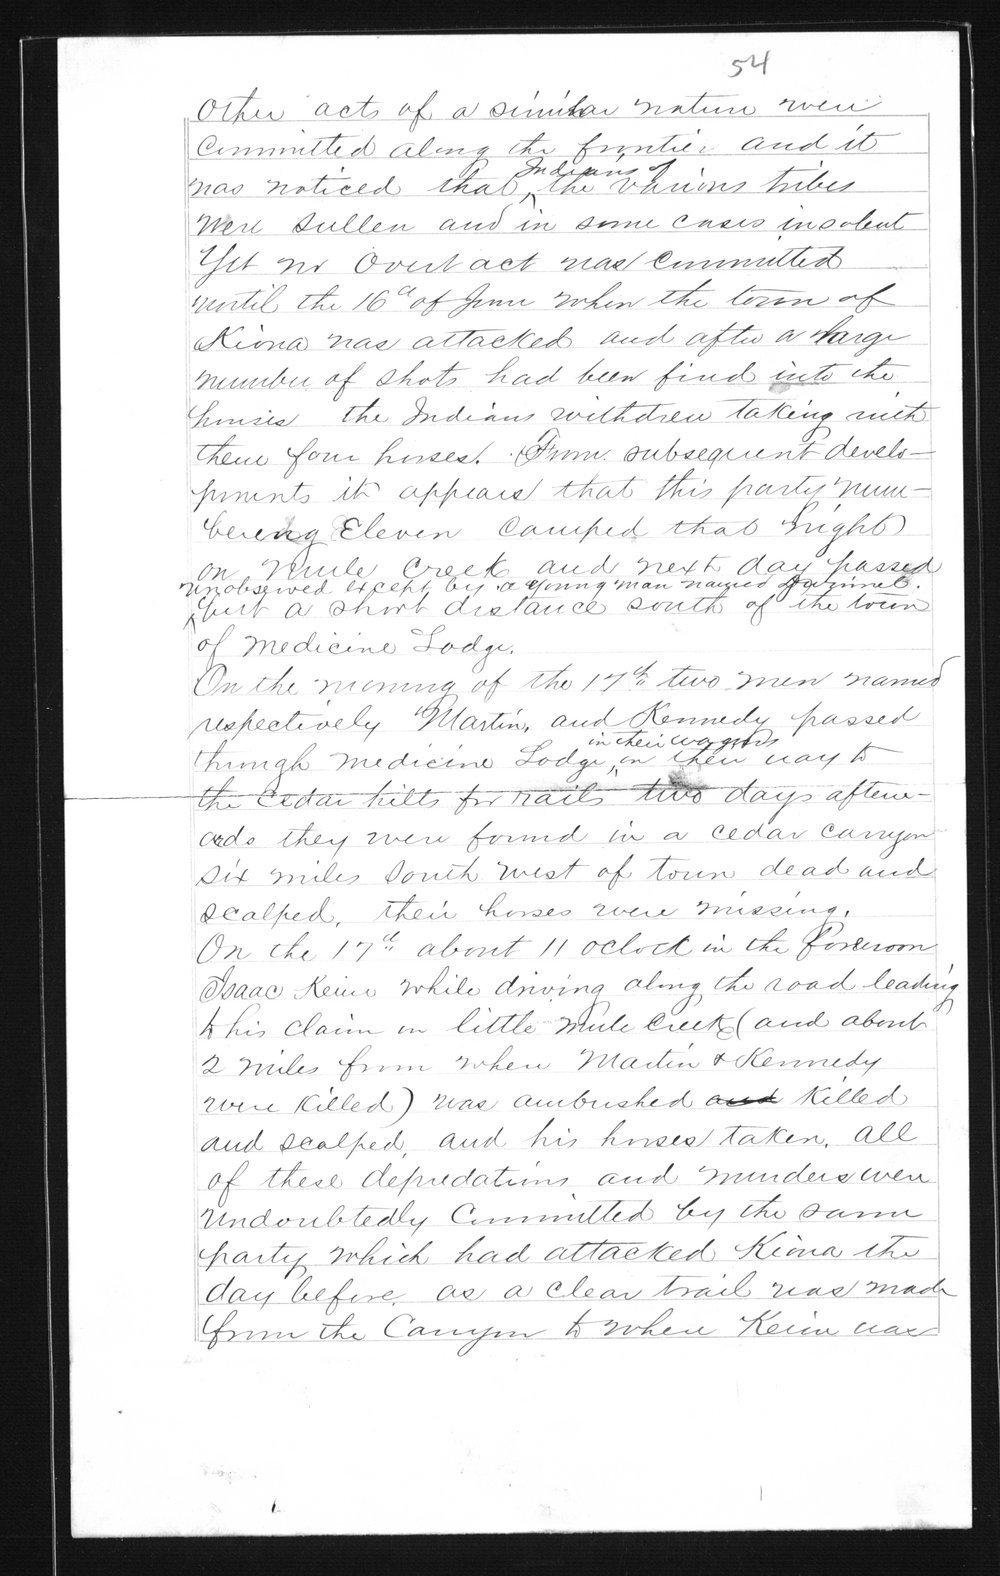 Captain Lewis Hanback's final report - 54